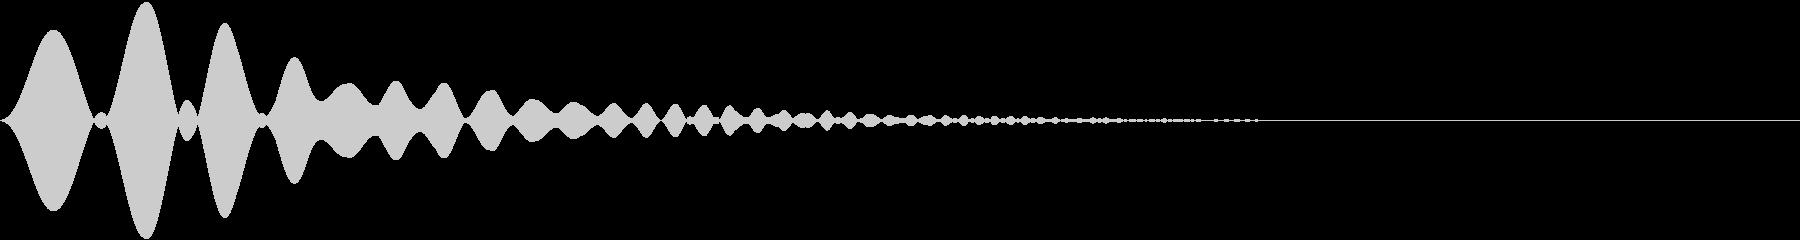 カーソル・決定・キャンセル音 「ポワ」の未再生の波形